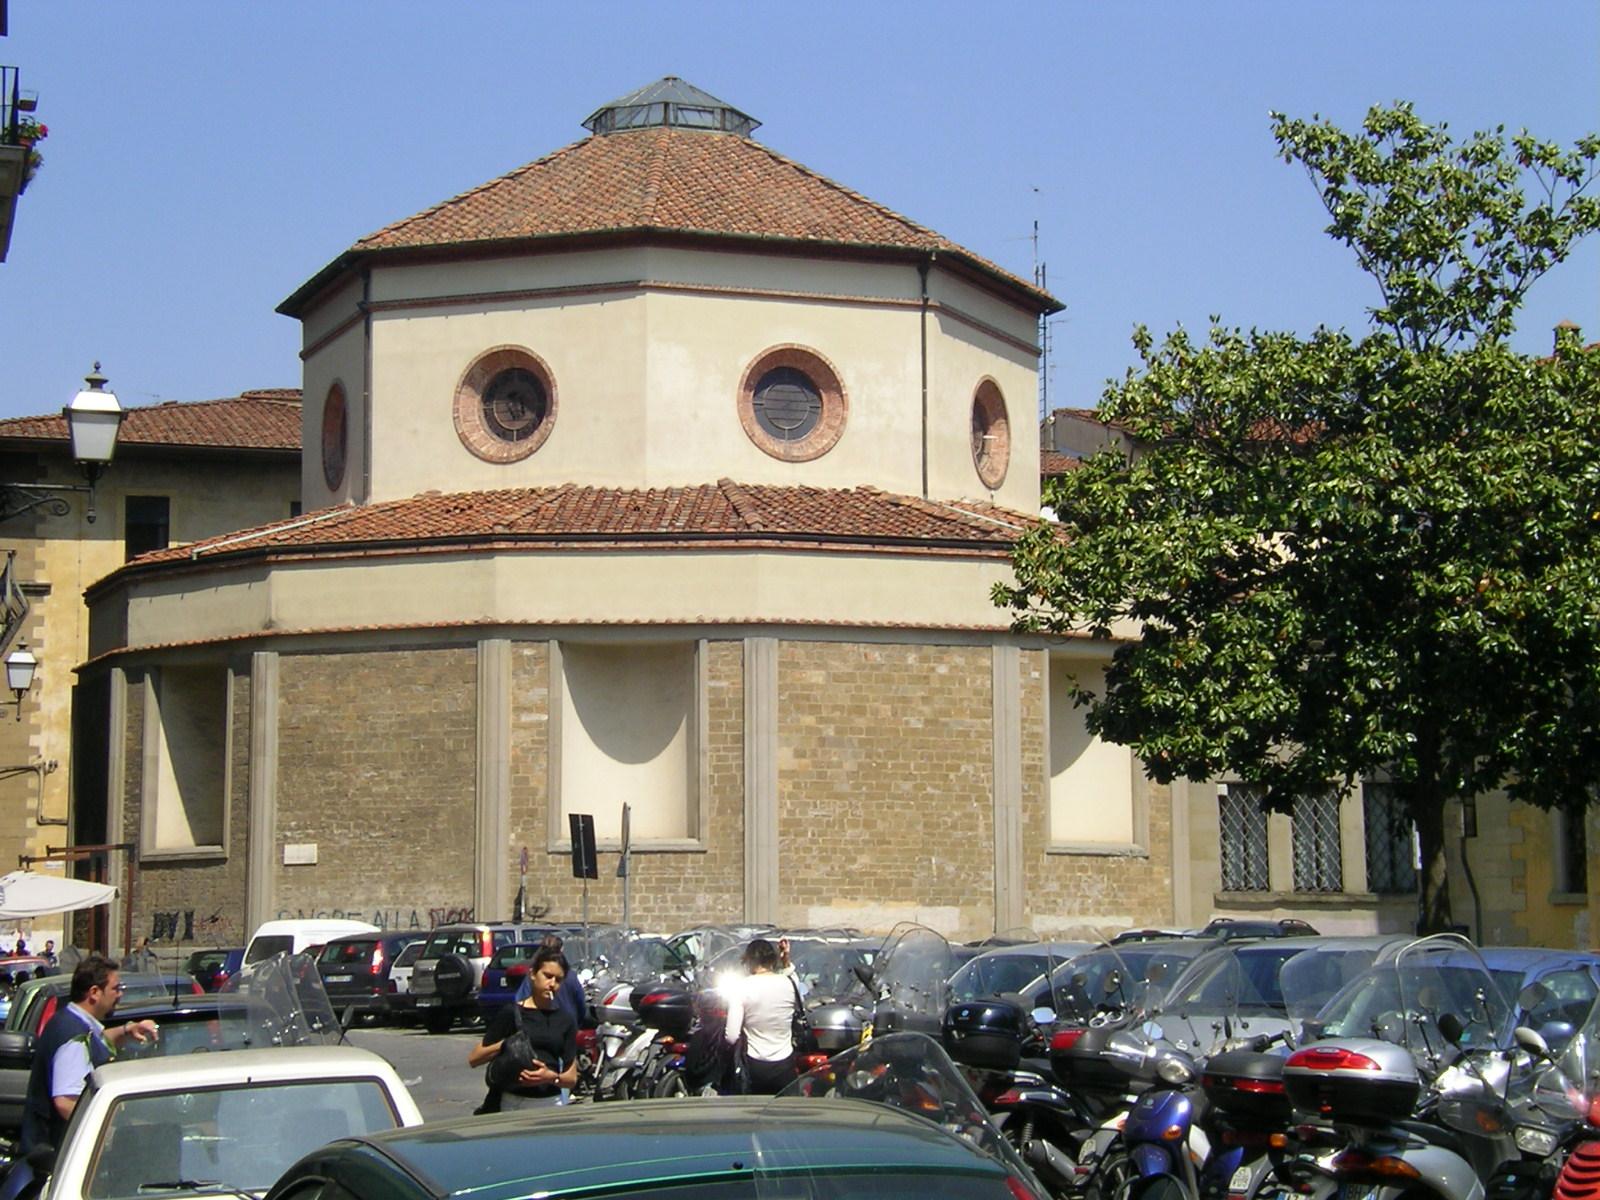 2620-Rotonda_del_Brunelleschi.jpg